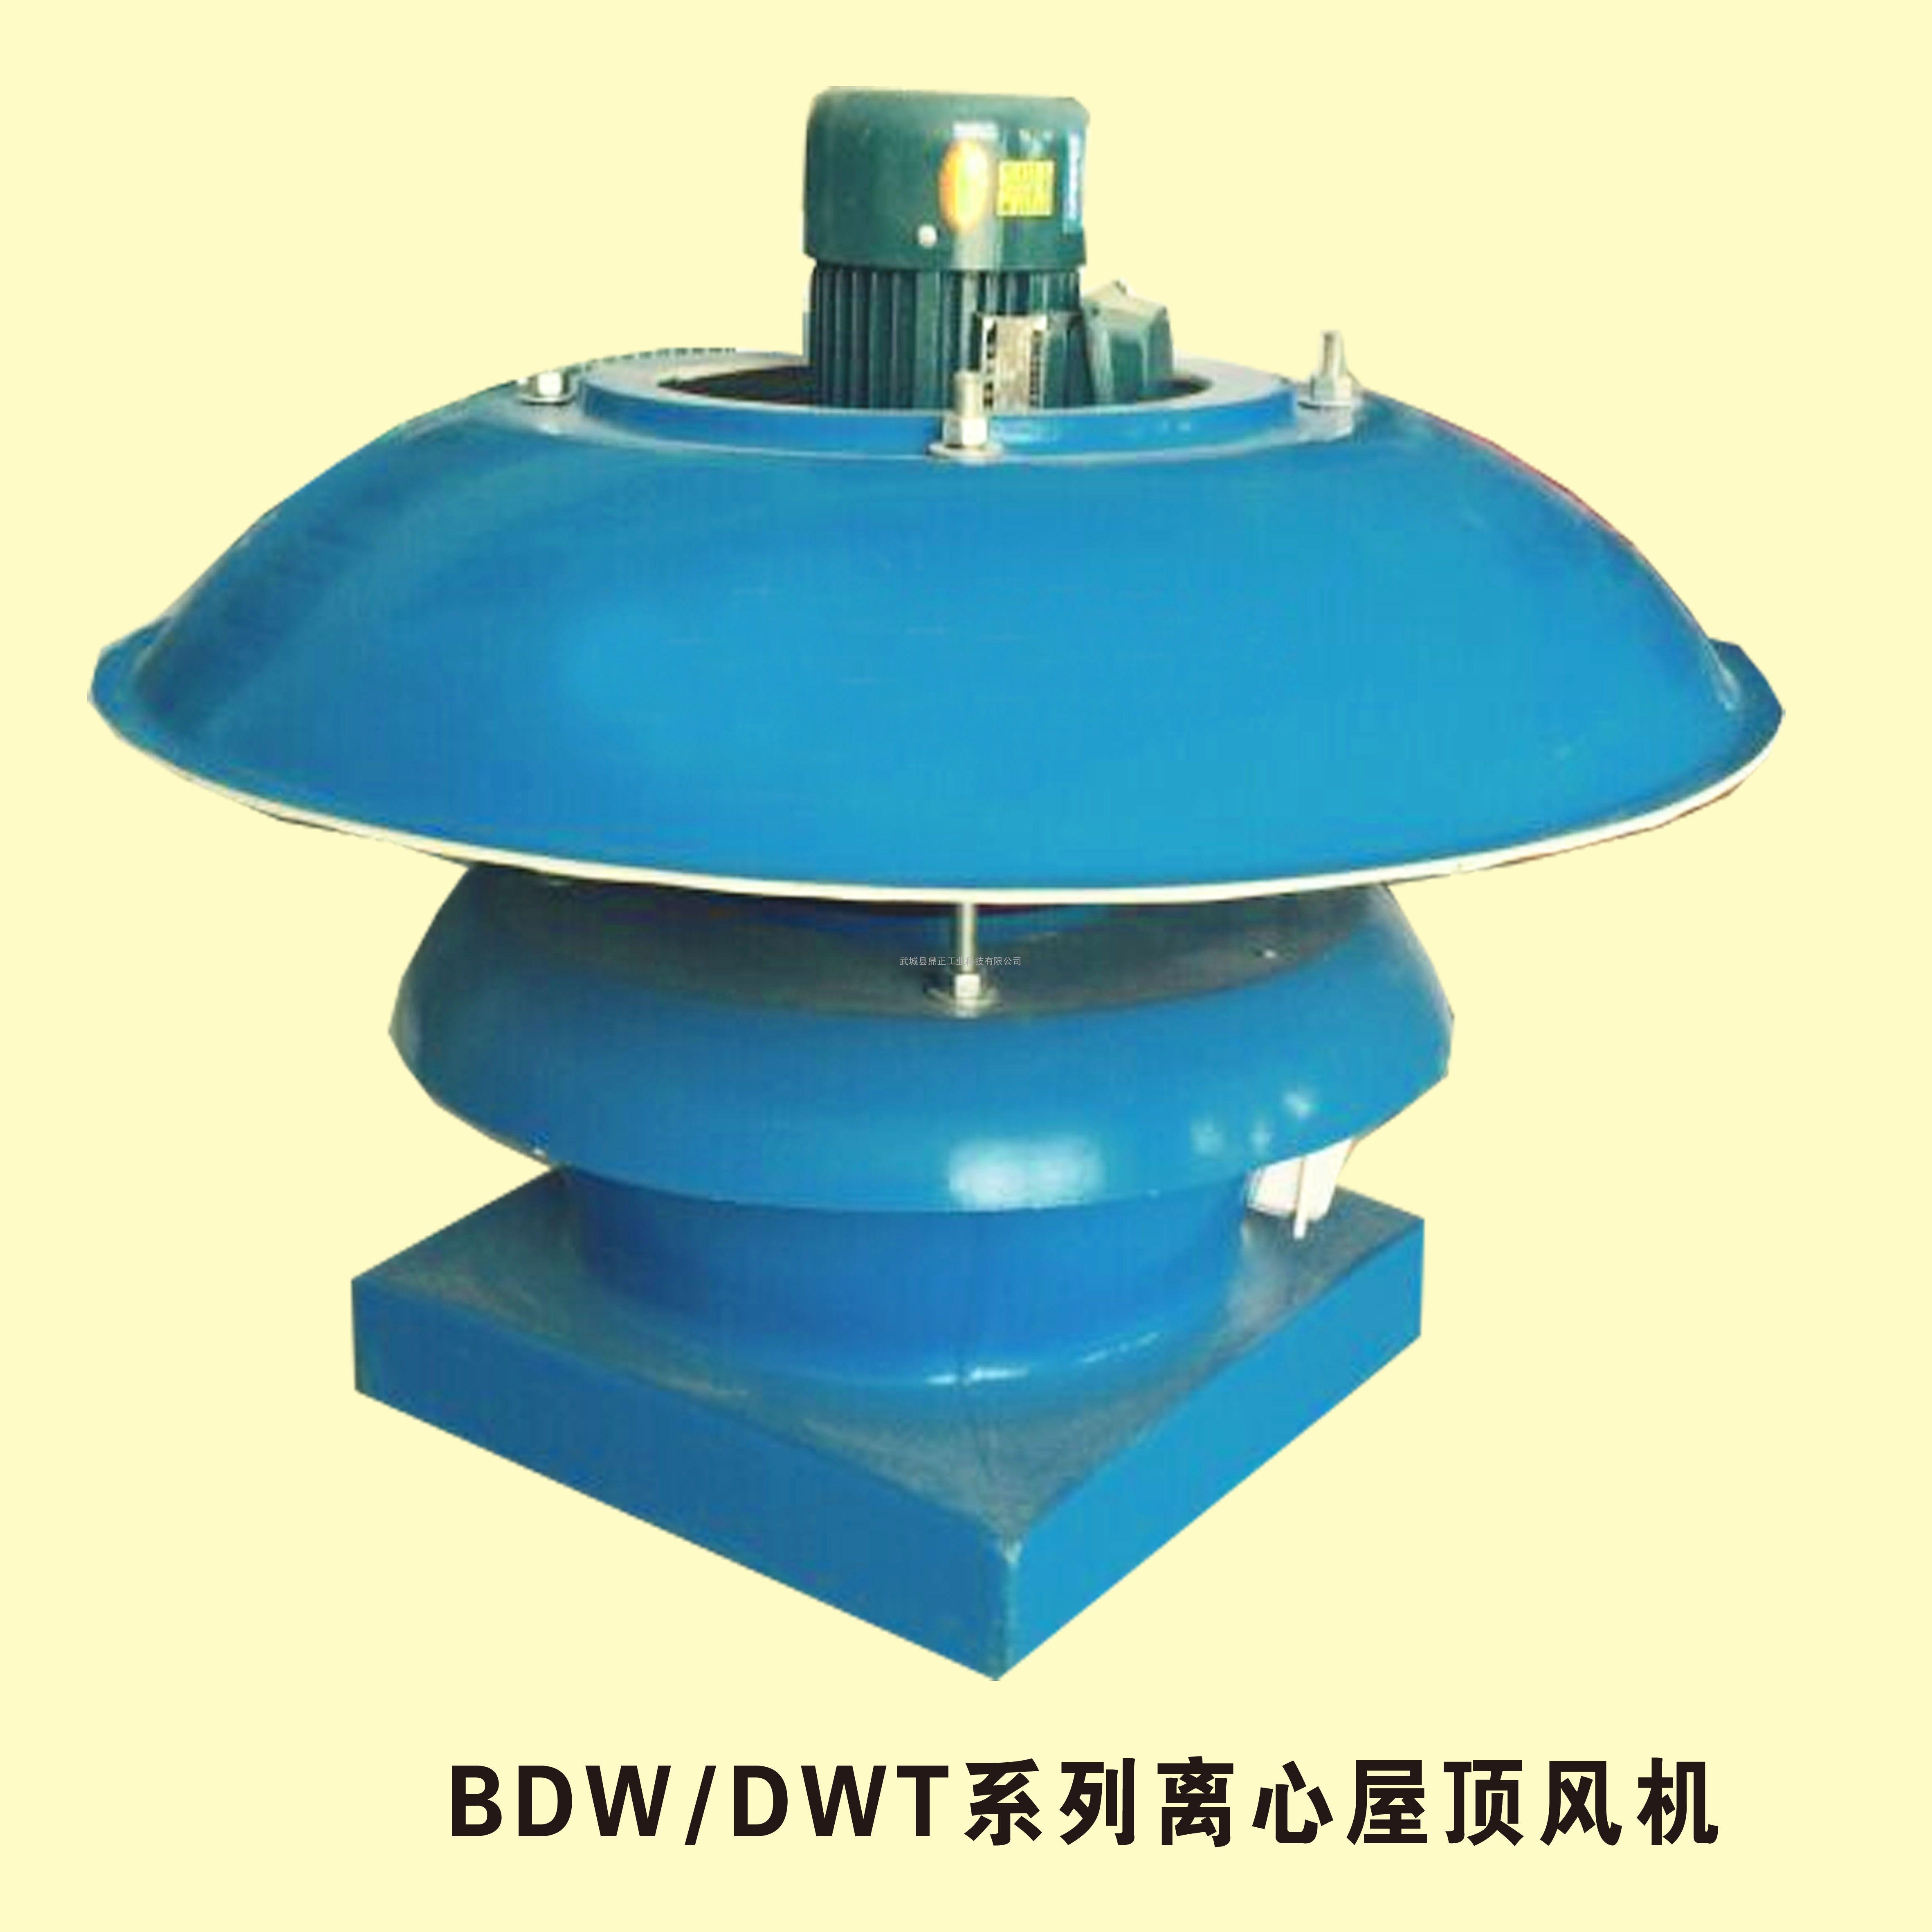 玻璃钢屋顶风机 DWT/BDW玻璃钢屋顶风机厂家诚招代理商